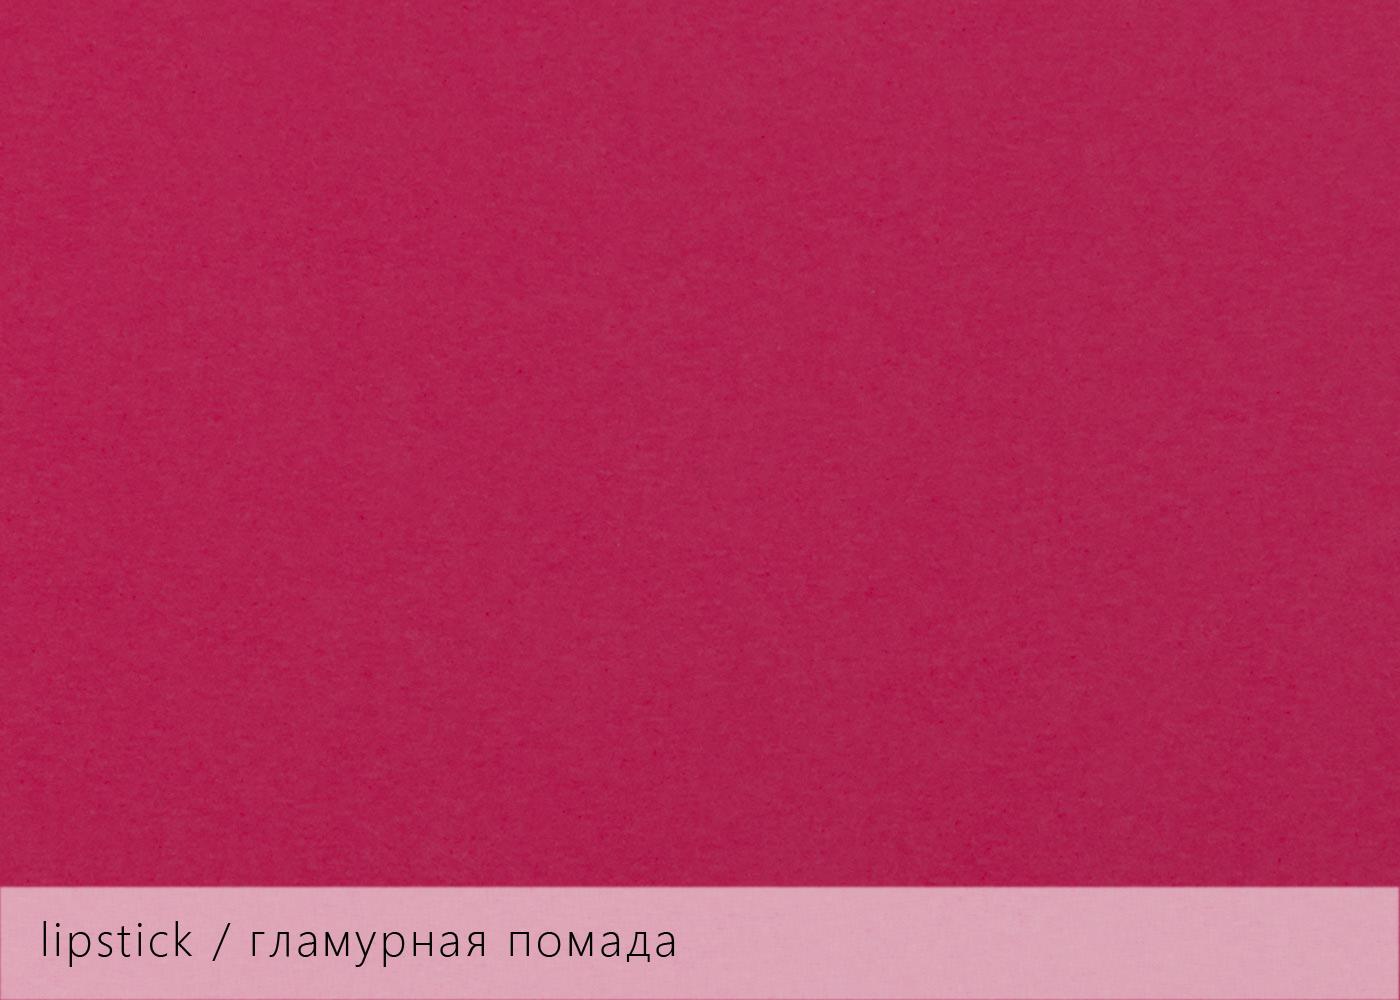 Keaykolour lipstick / гламурная помада